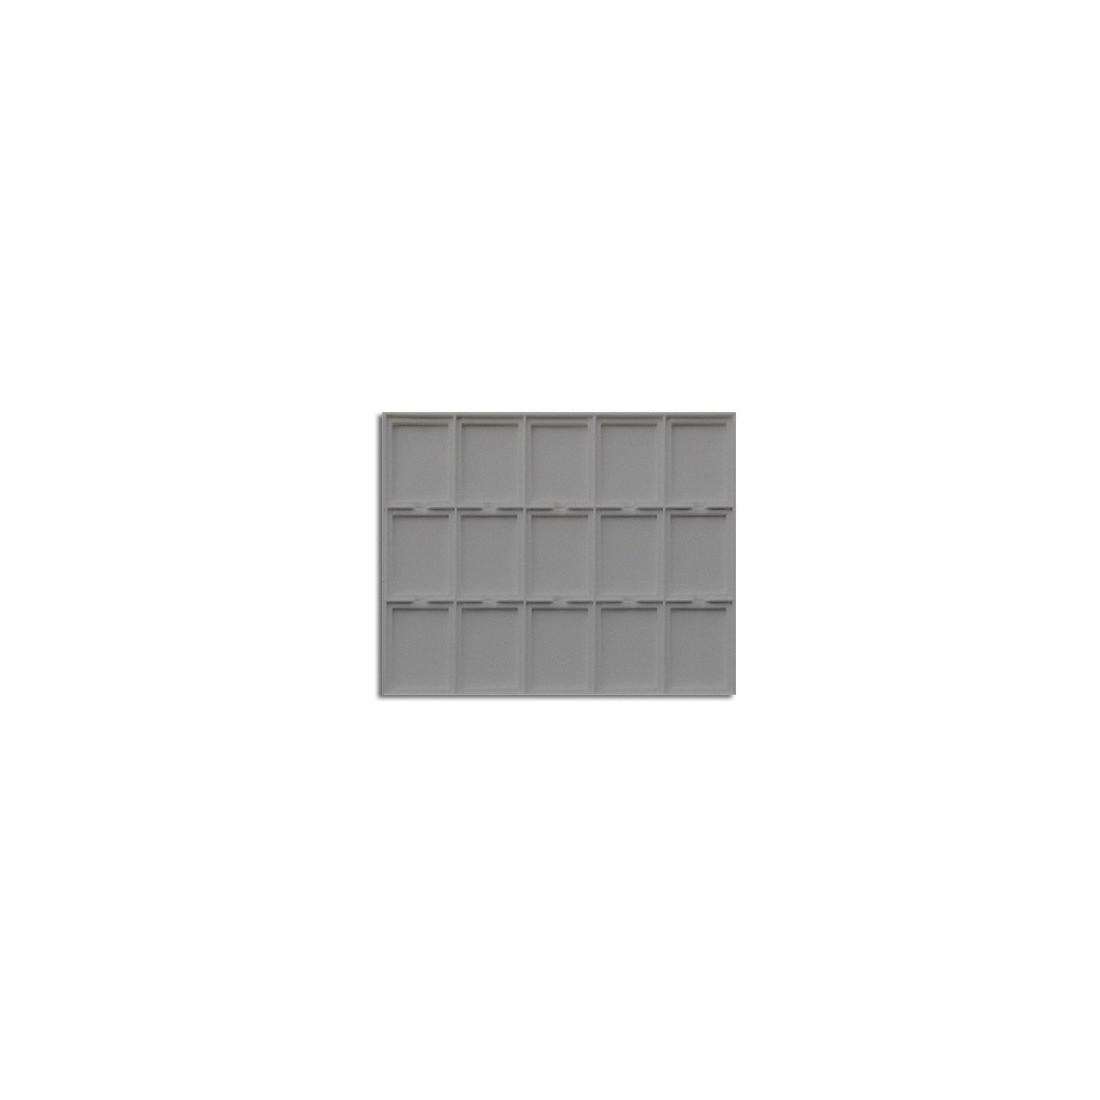 Batea 15 Cartones 77x62